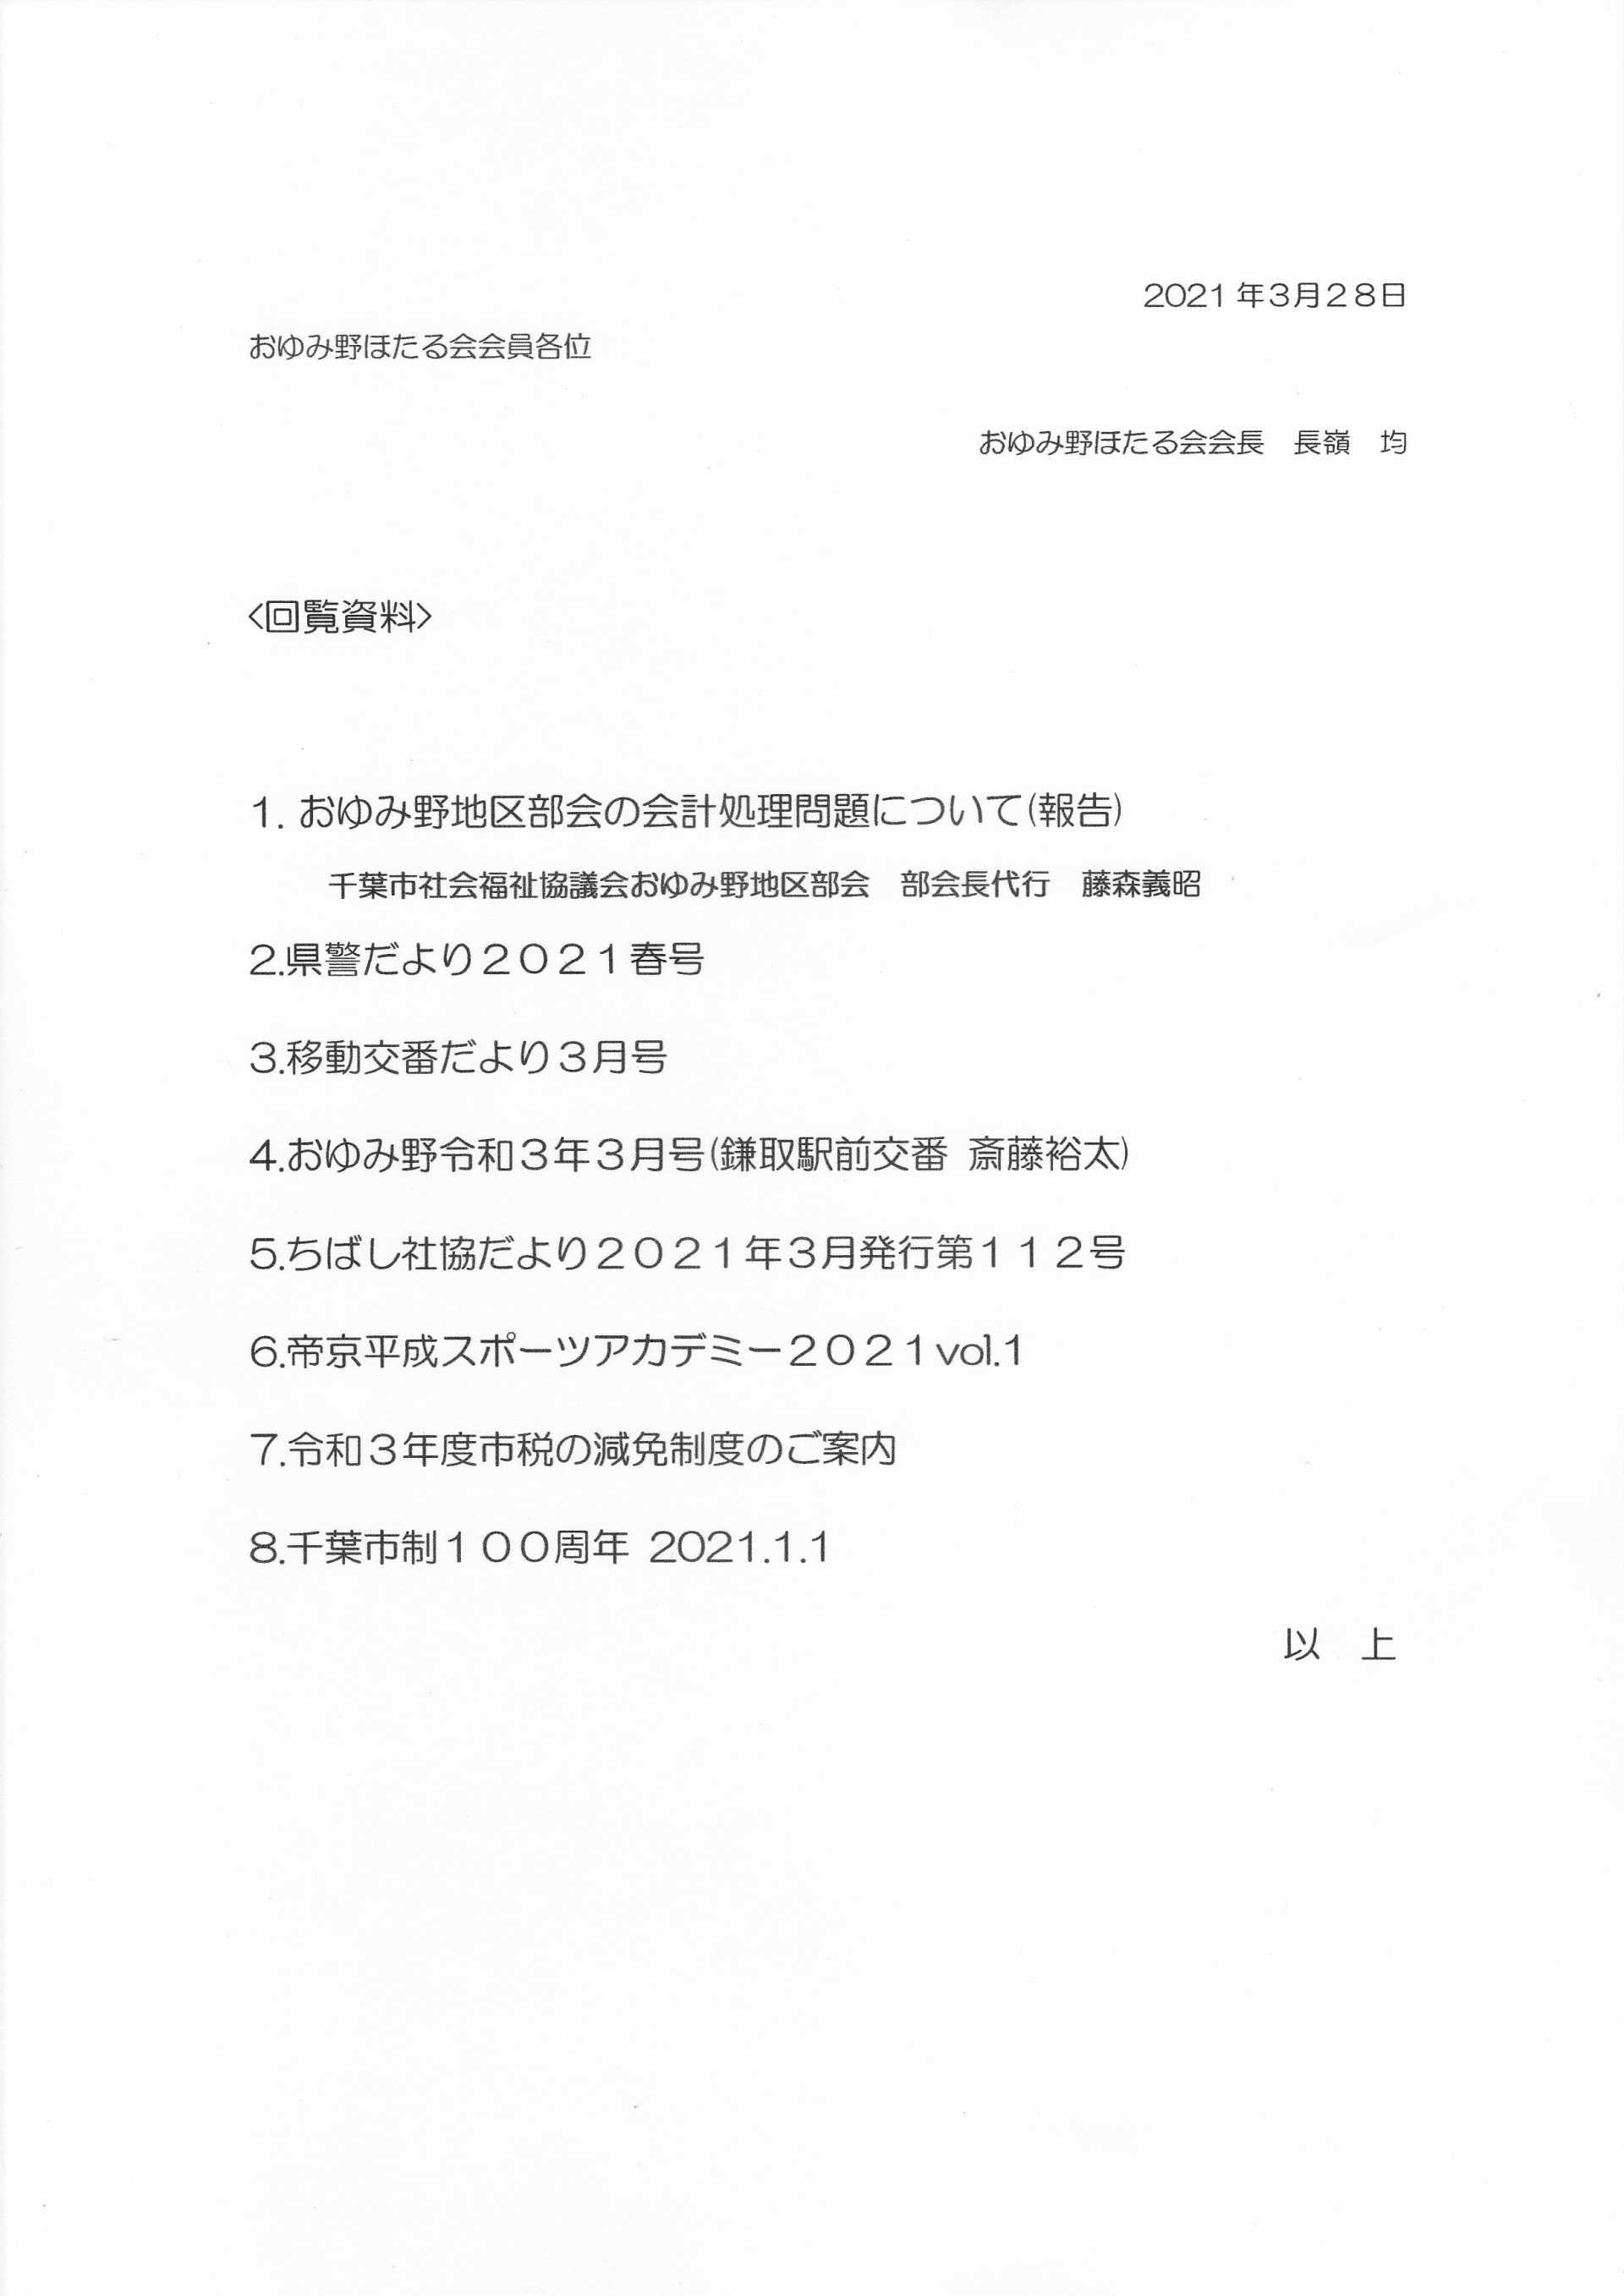 千葉銀行おゆみ野センター付属建屋増築計画に伴う屋上防水工事のお知らせについて